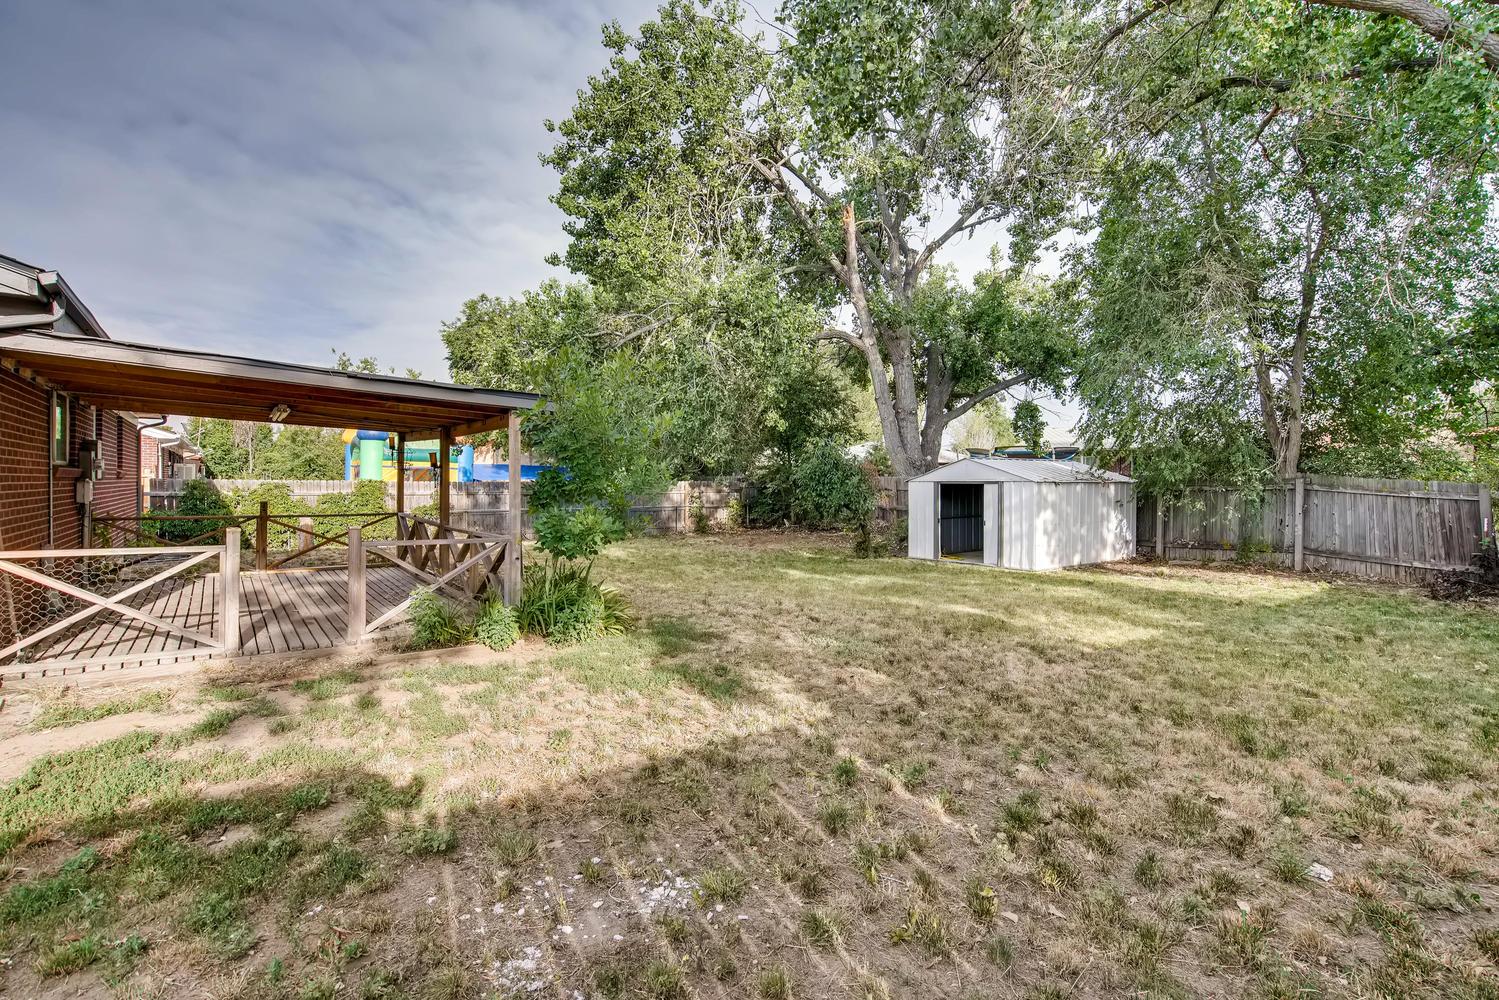 REAL ESTATE LISTING: 13040 Pensacola Place Denver Back Yard & Covered Deck